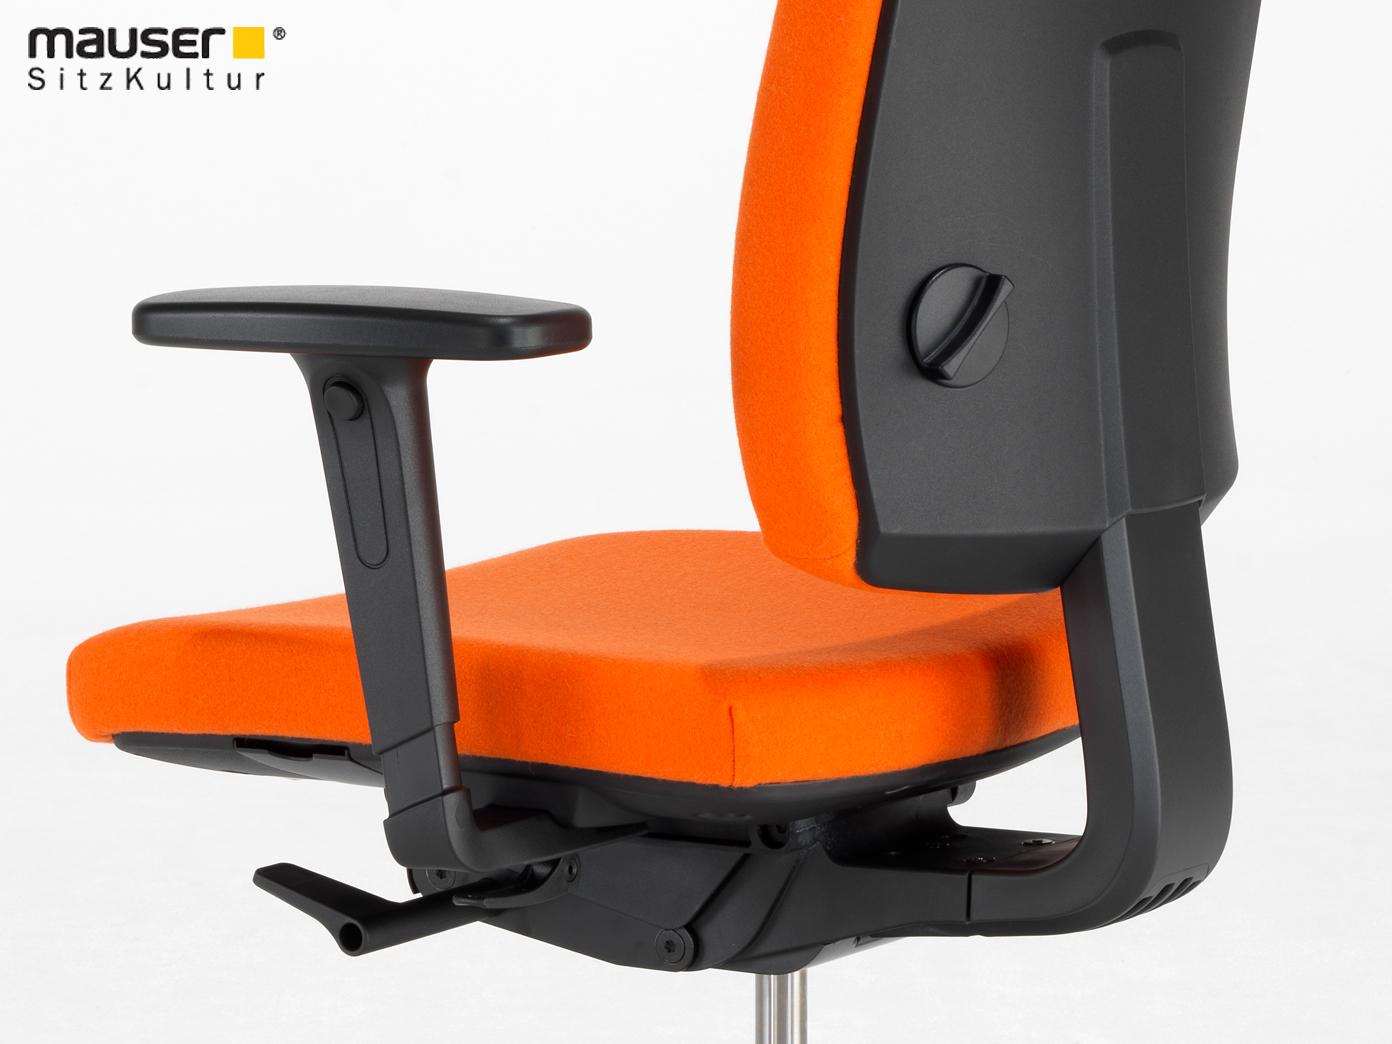 Sedie Ufficio Arancio : Sedia girevole arancio con sede regolazione in profondità d